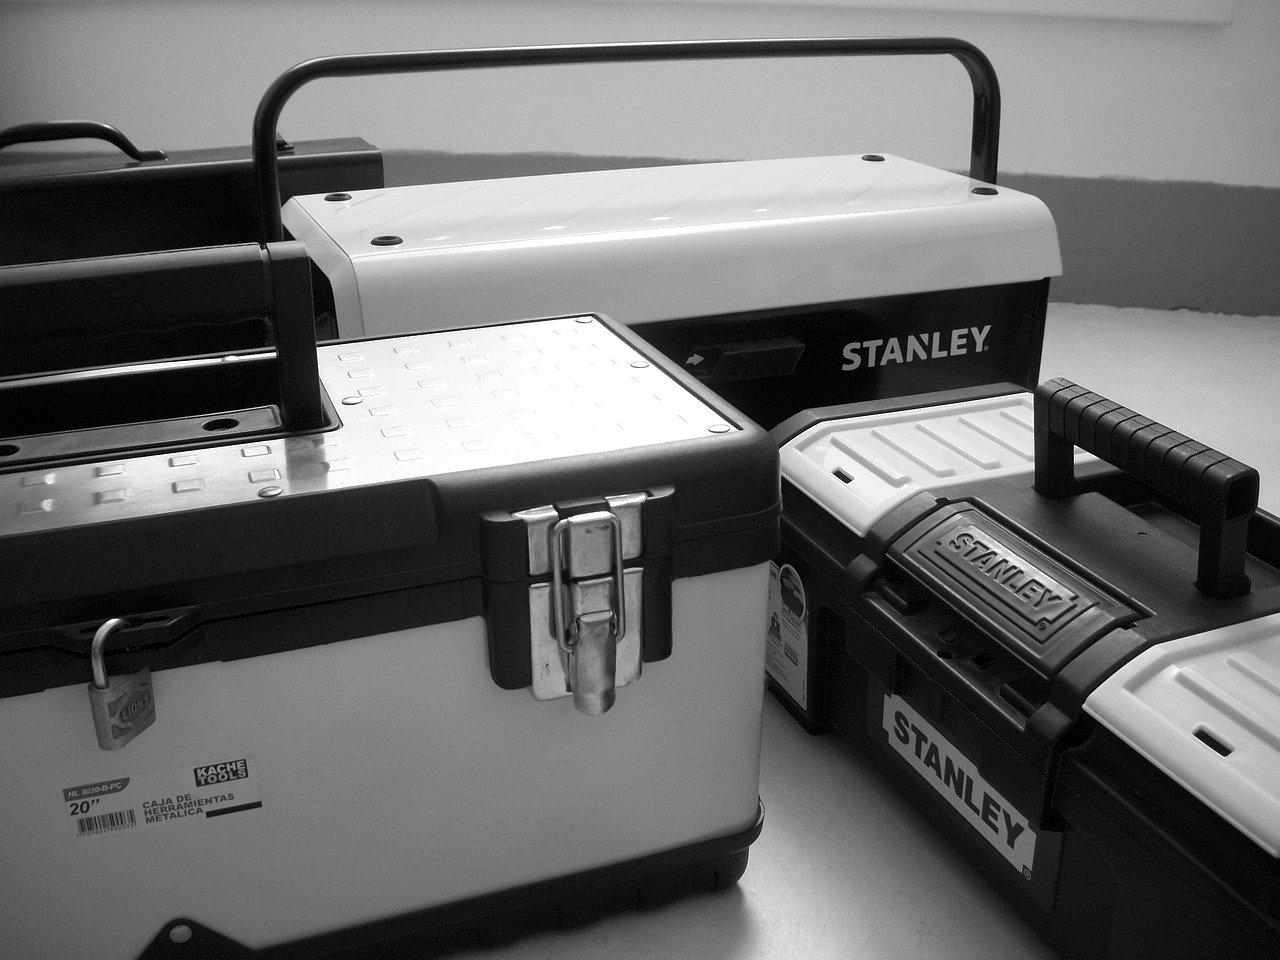 ספוג לארגזי כלים – 5 טיפים לעשות סדר בארגז הכלים שלכם